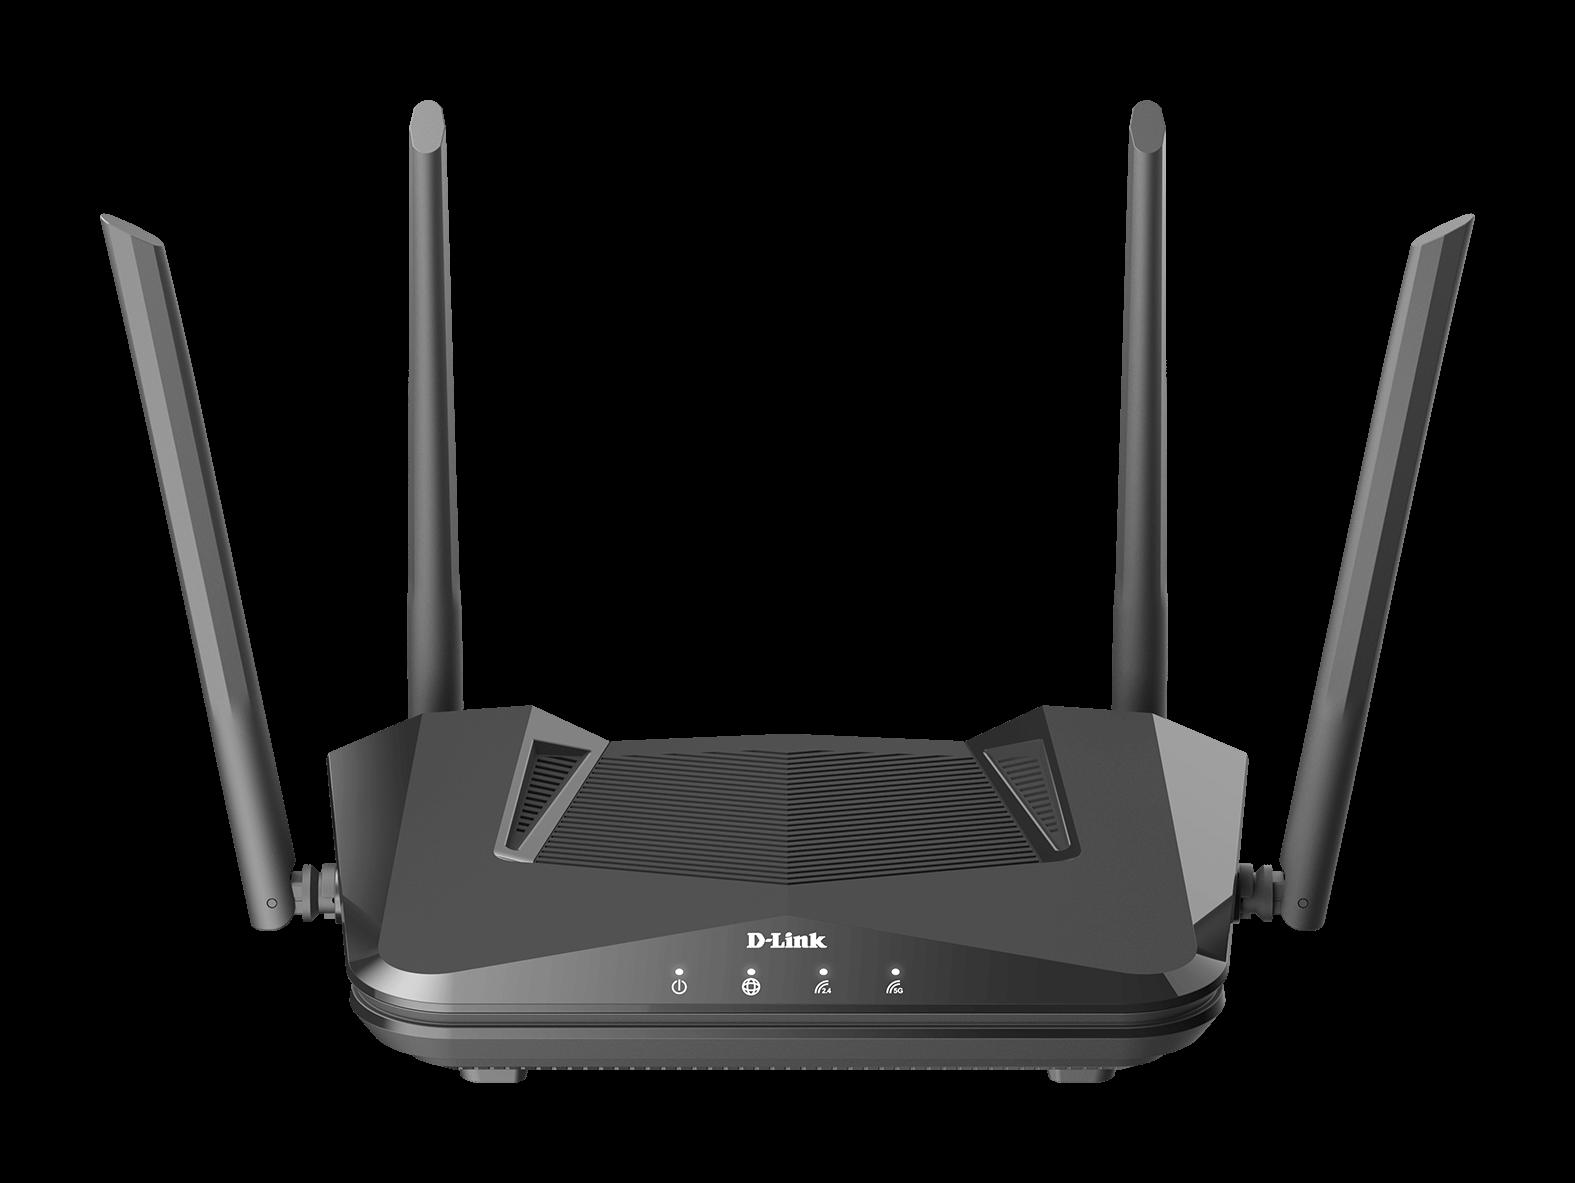 D-Link veröffentlicht zwei neue Wi-Fi 6 Router 12 techboys.de • smarte News, auf den Punkt! D-Link veröffentlicht zwei neue Wi-Fi 6 Router